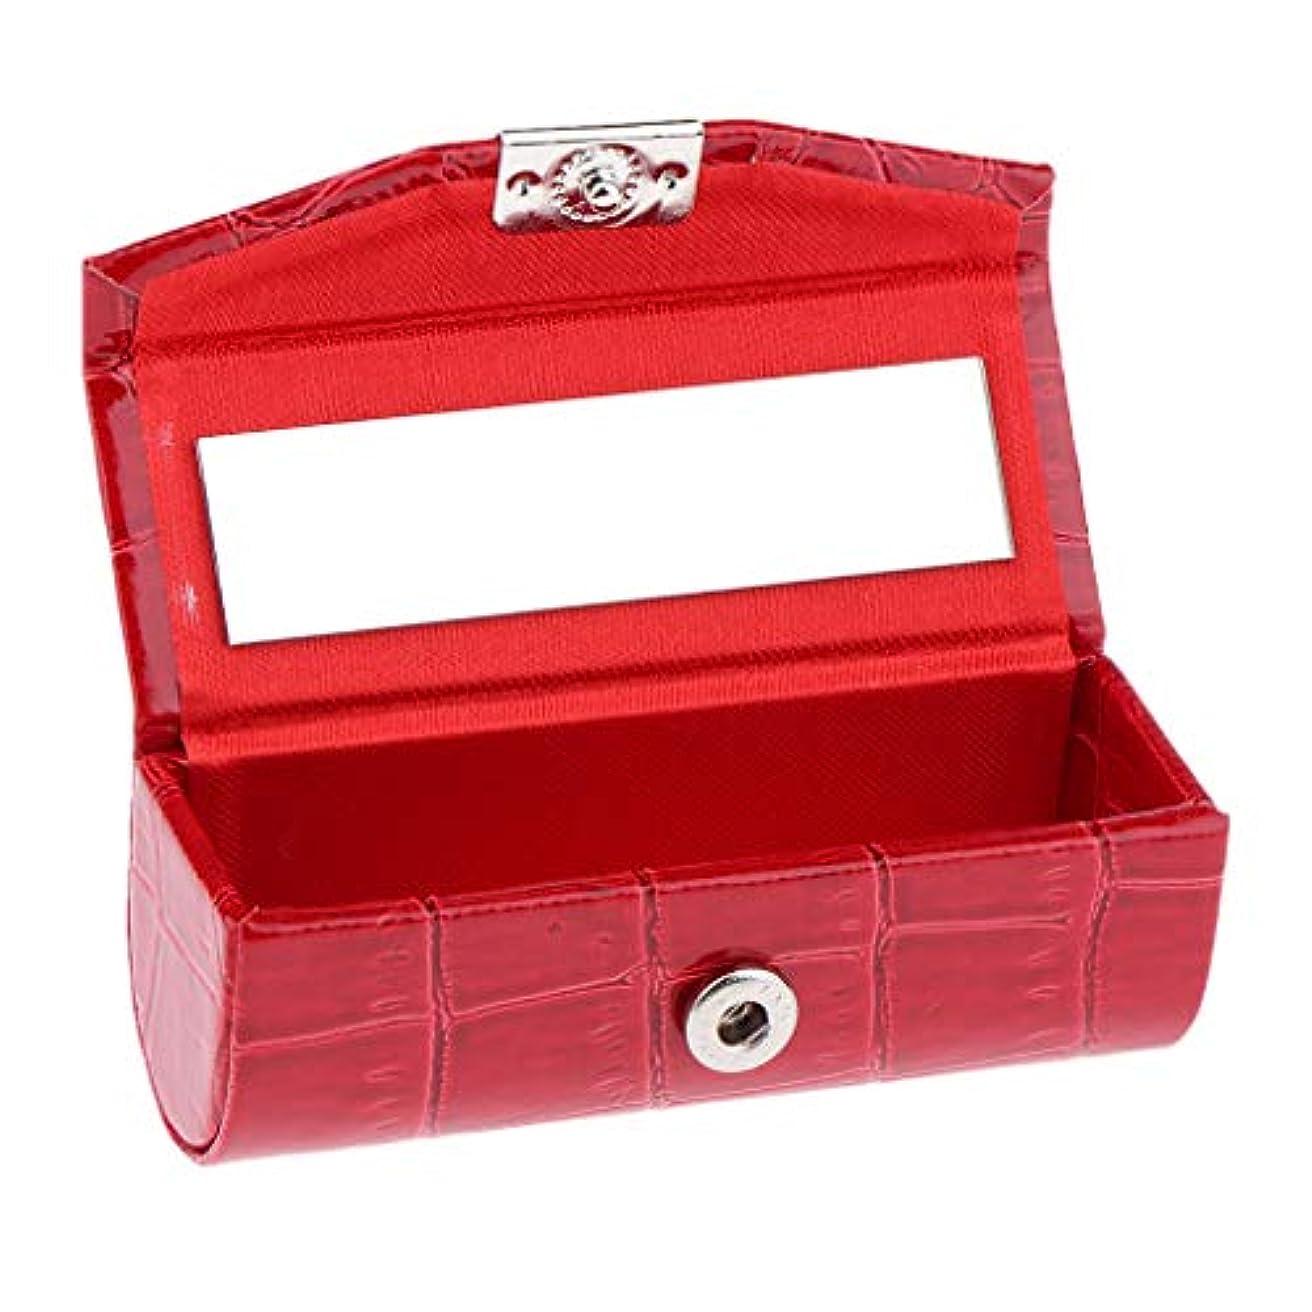 クレータークリック添加剤IPOTCH レザー リップスティックケース 口紅ホルダー ミラー 収納ボックス 多色選べ - 赤